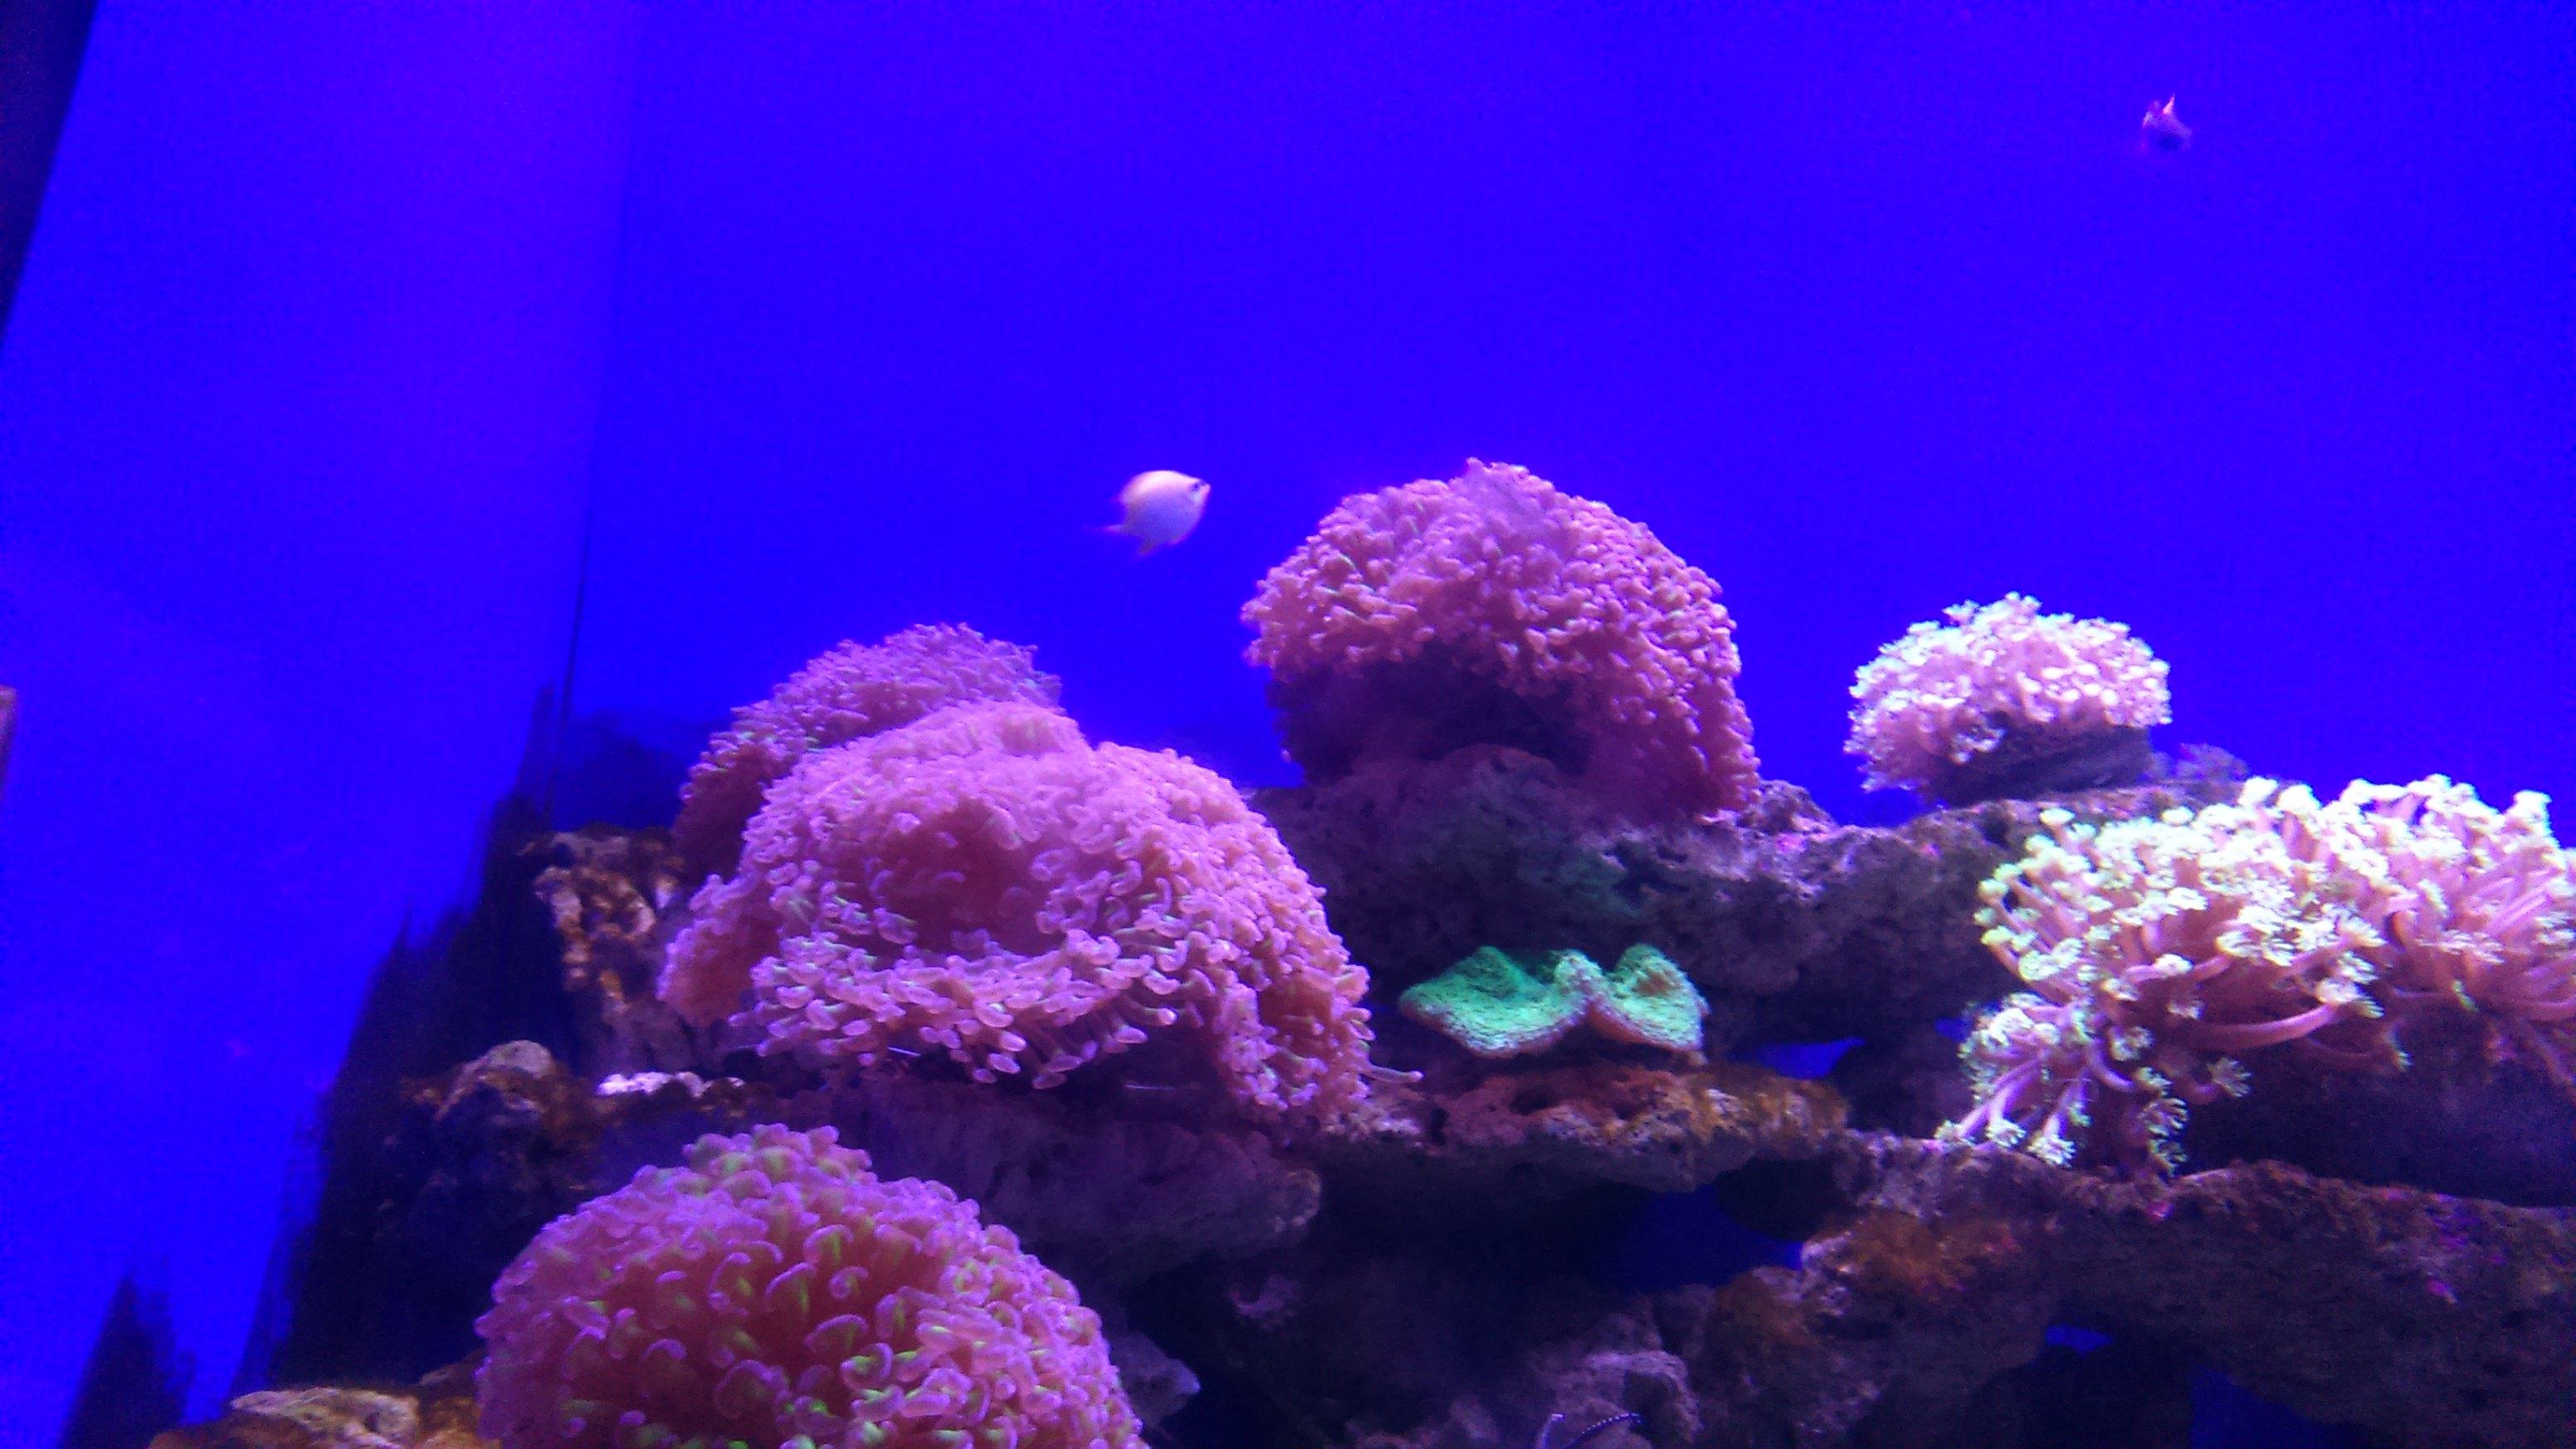 壁纸 海底 海底世界 海洋馆 水族馆 桌面 3104_1746